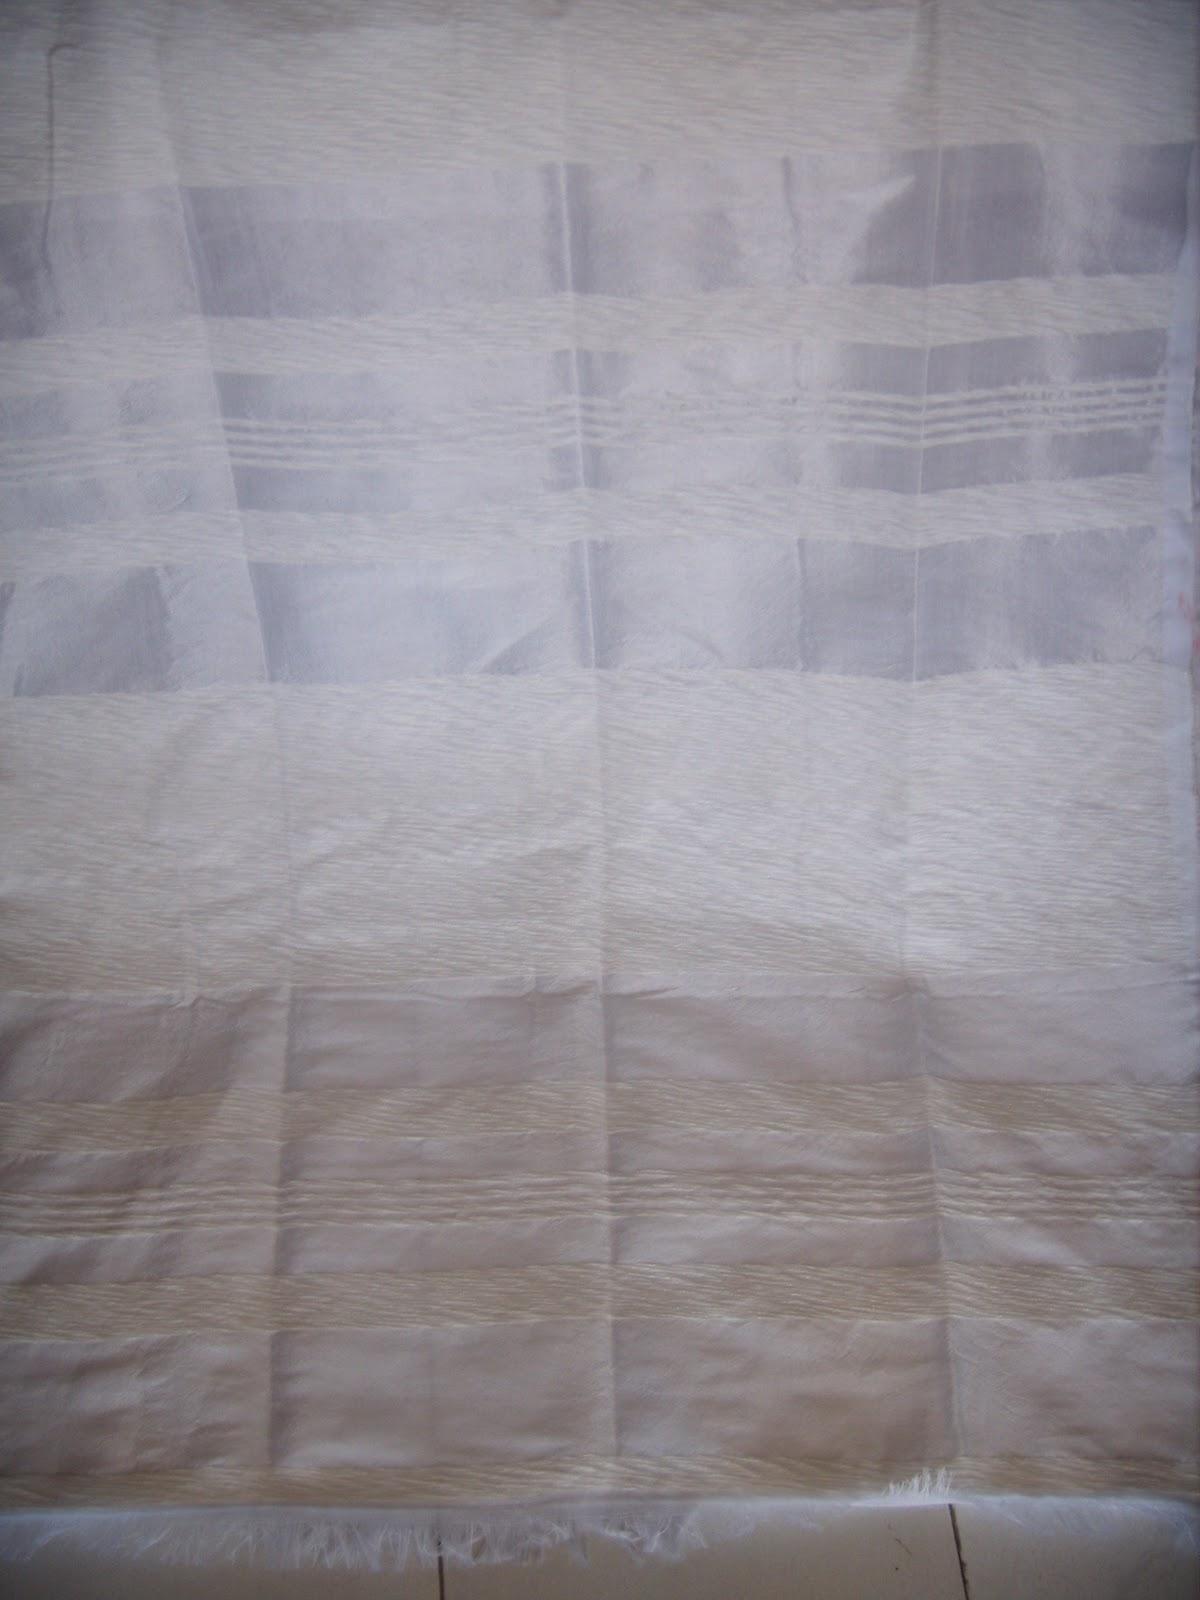 merycarpet couvre lit ou jet de canap blanc. Black Bedroom Furniture Sets. Home Design Ideas